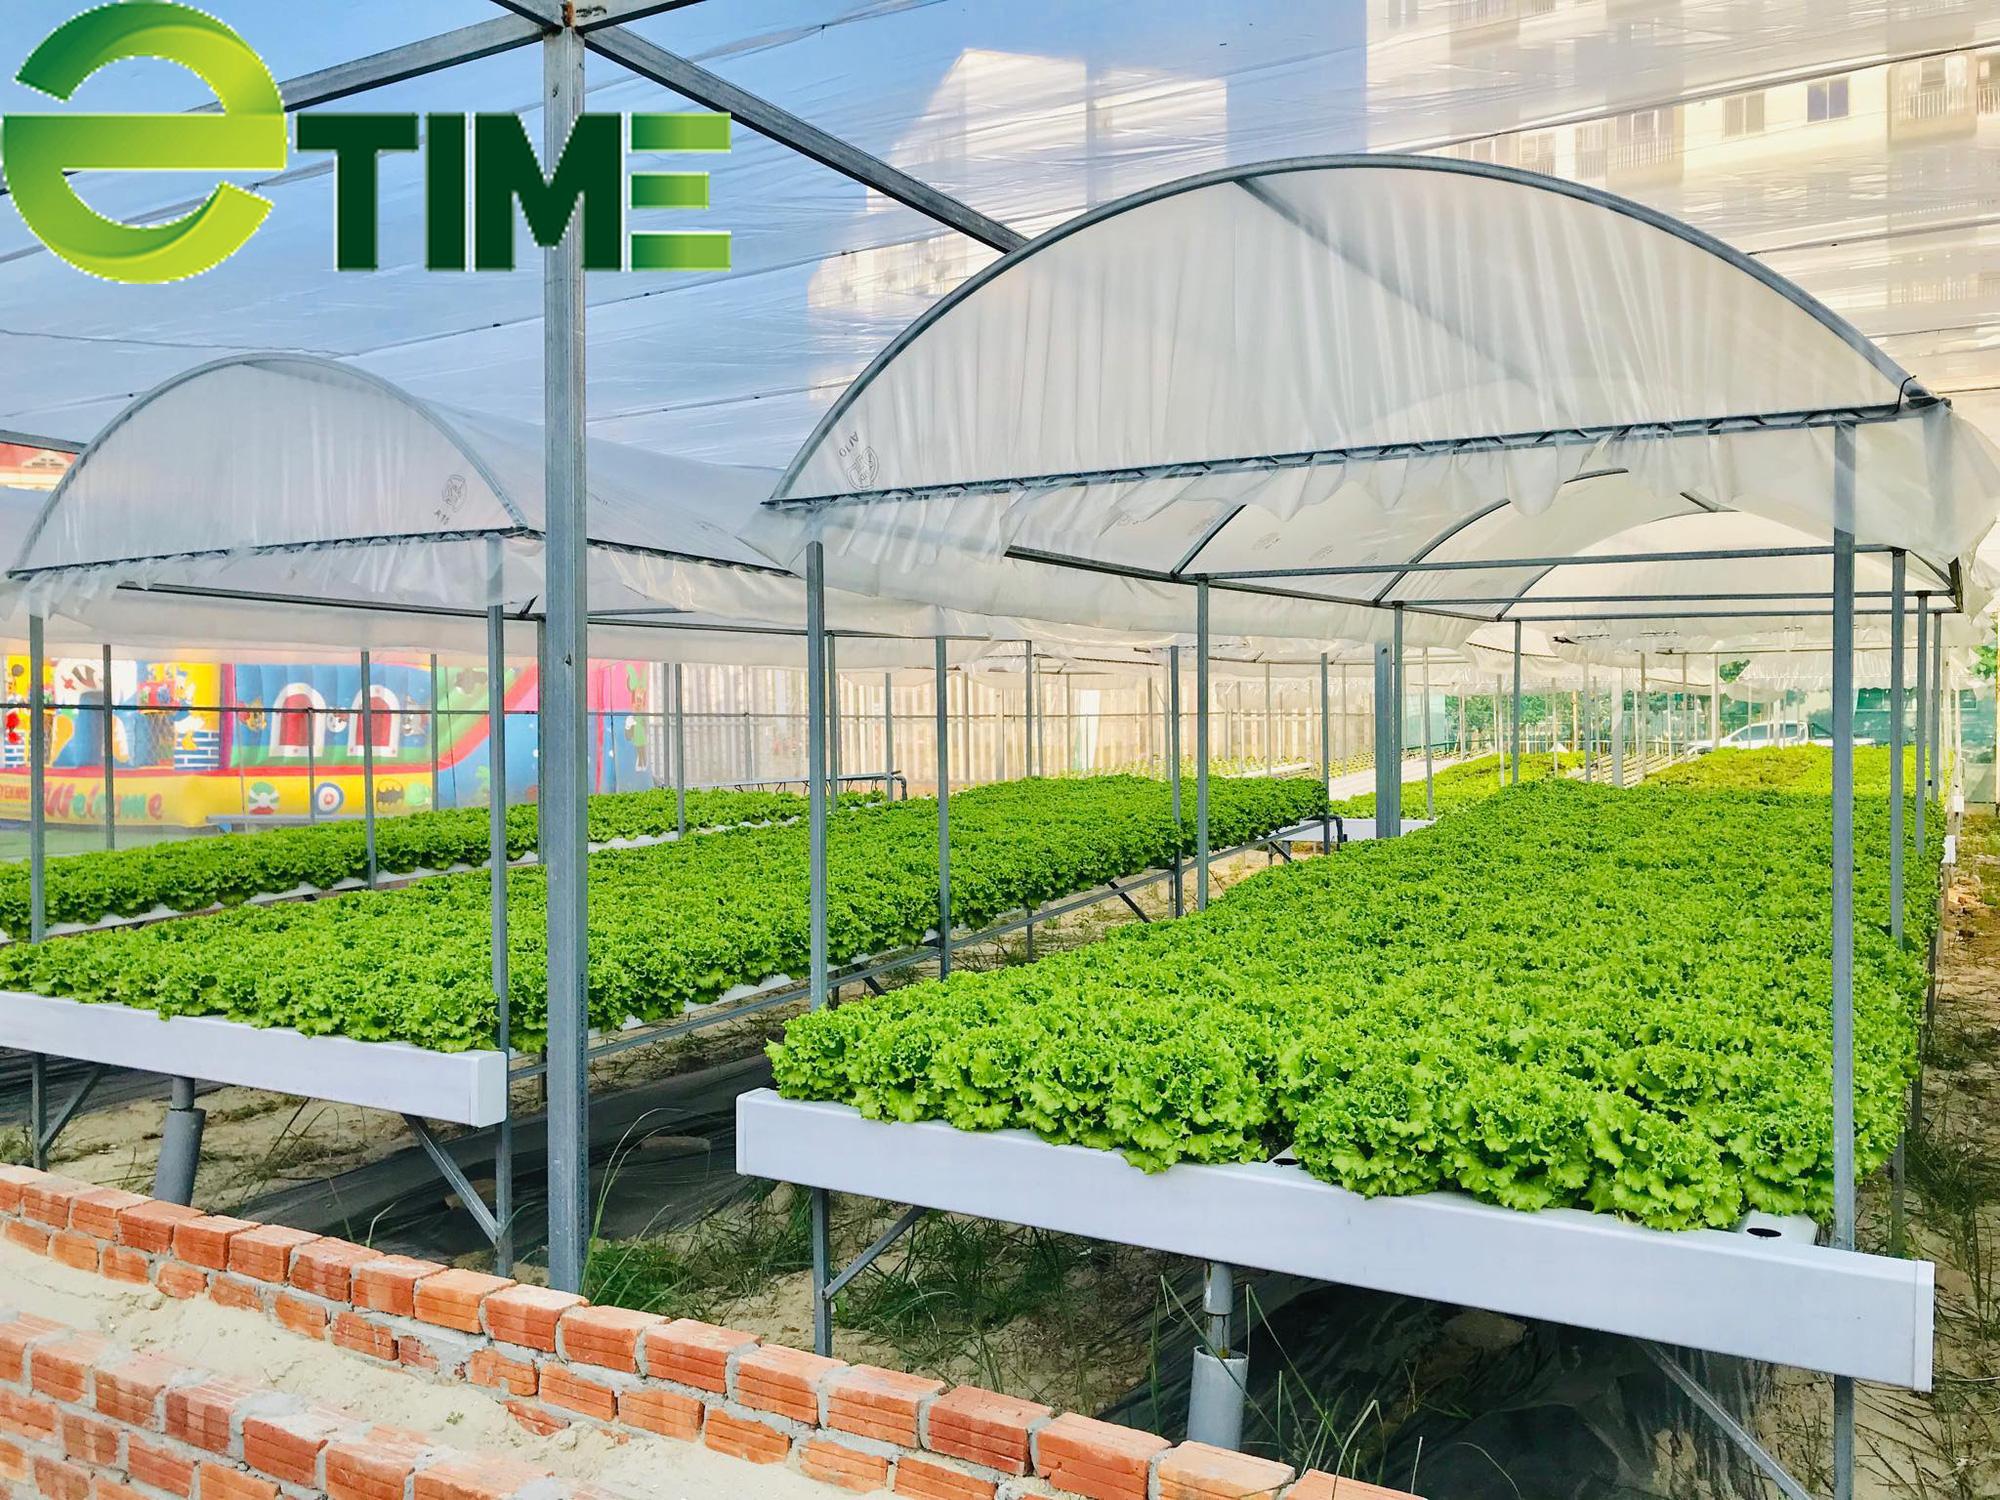 Đà Nẵng: 7X thuê đất để khởi nghiệp từ rau thủy canh, thu 2 triệu đồng/ngày - Ảnh 5.